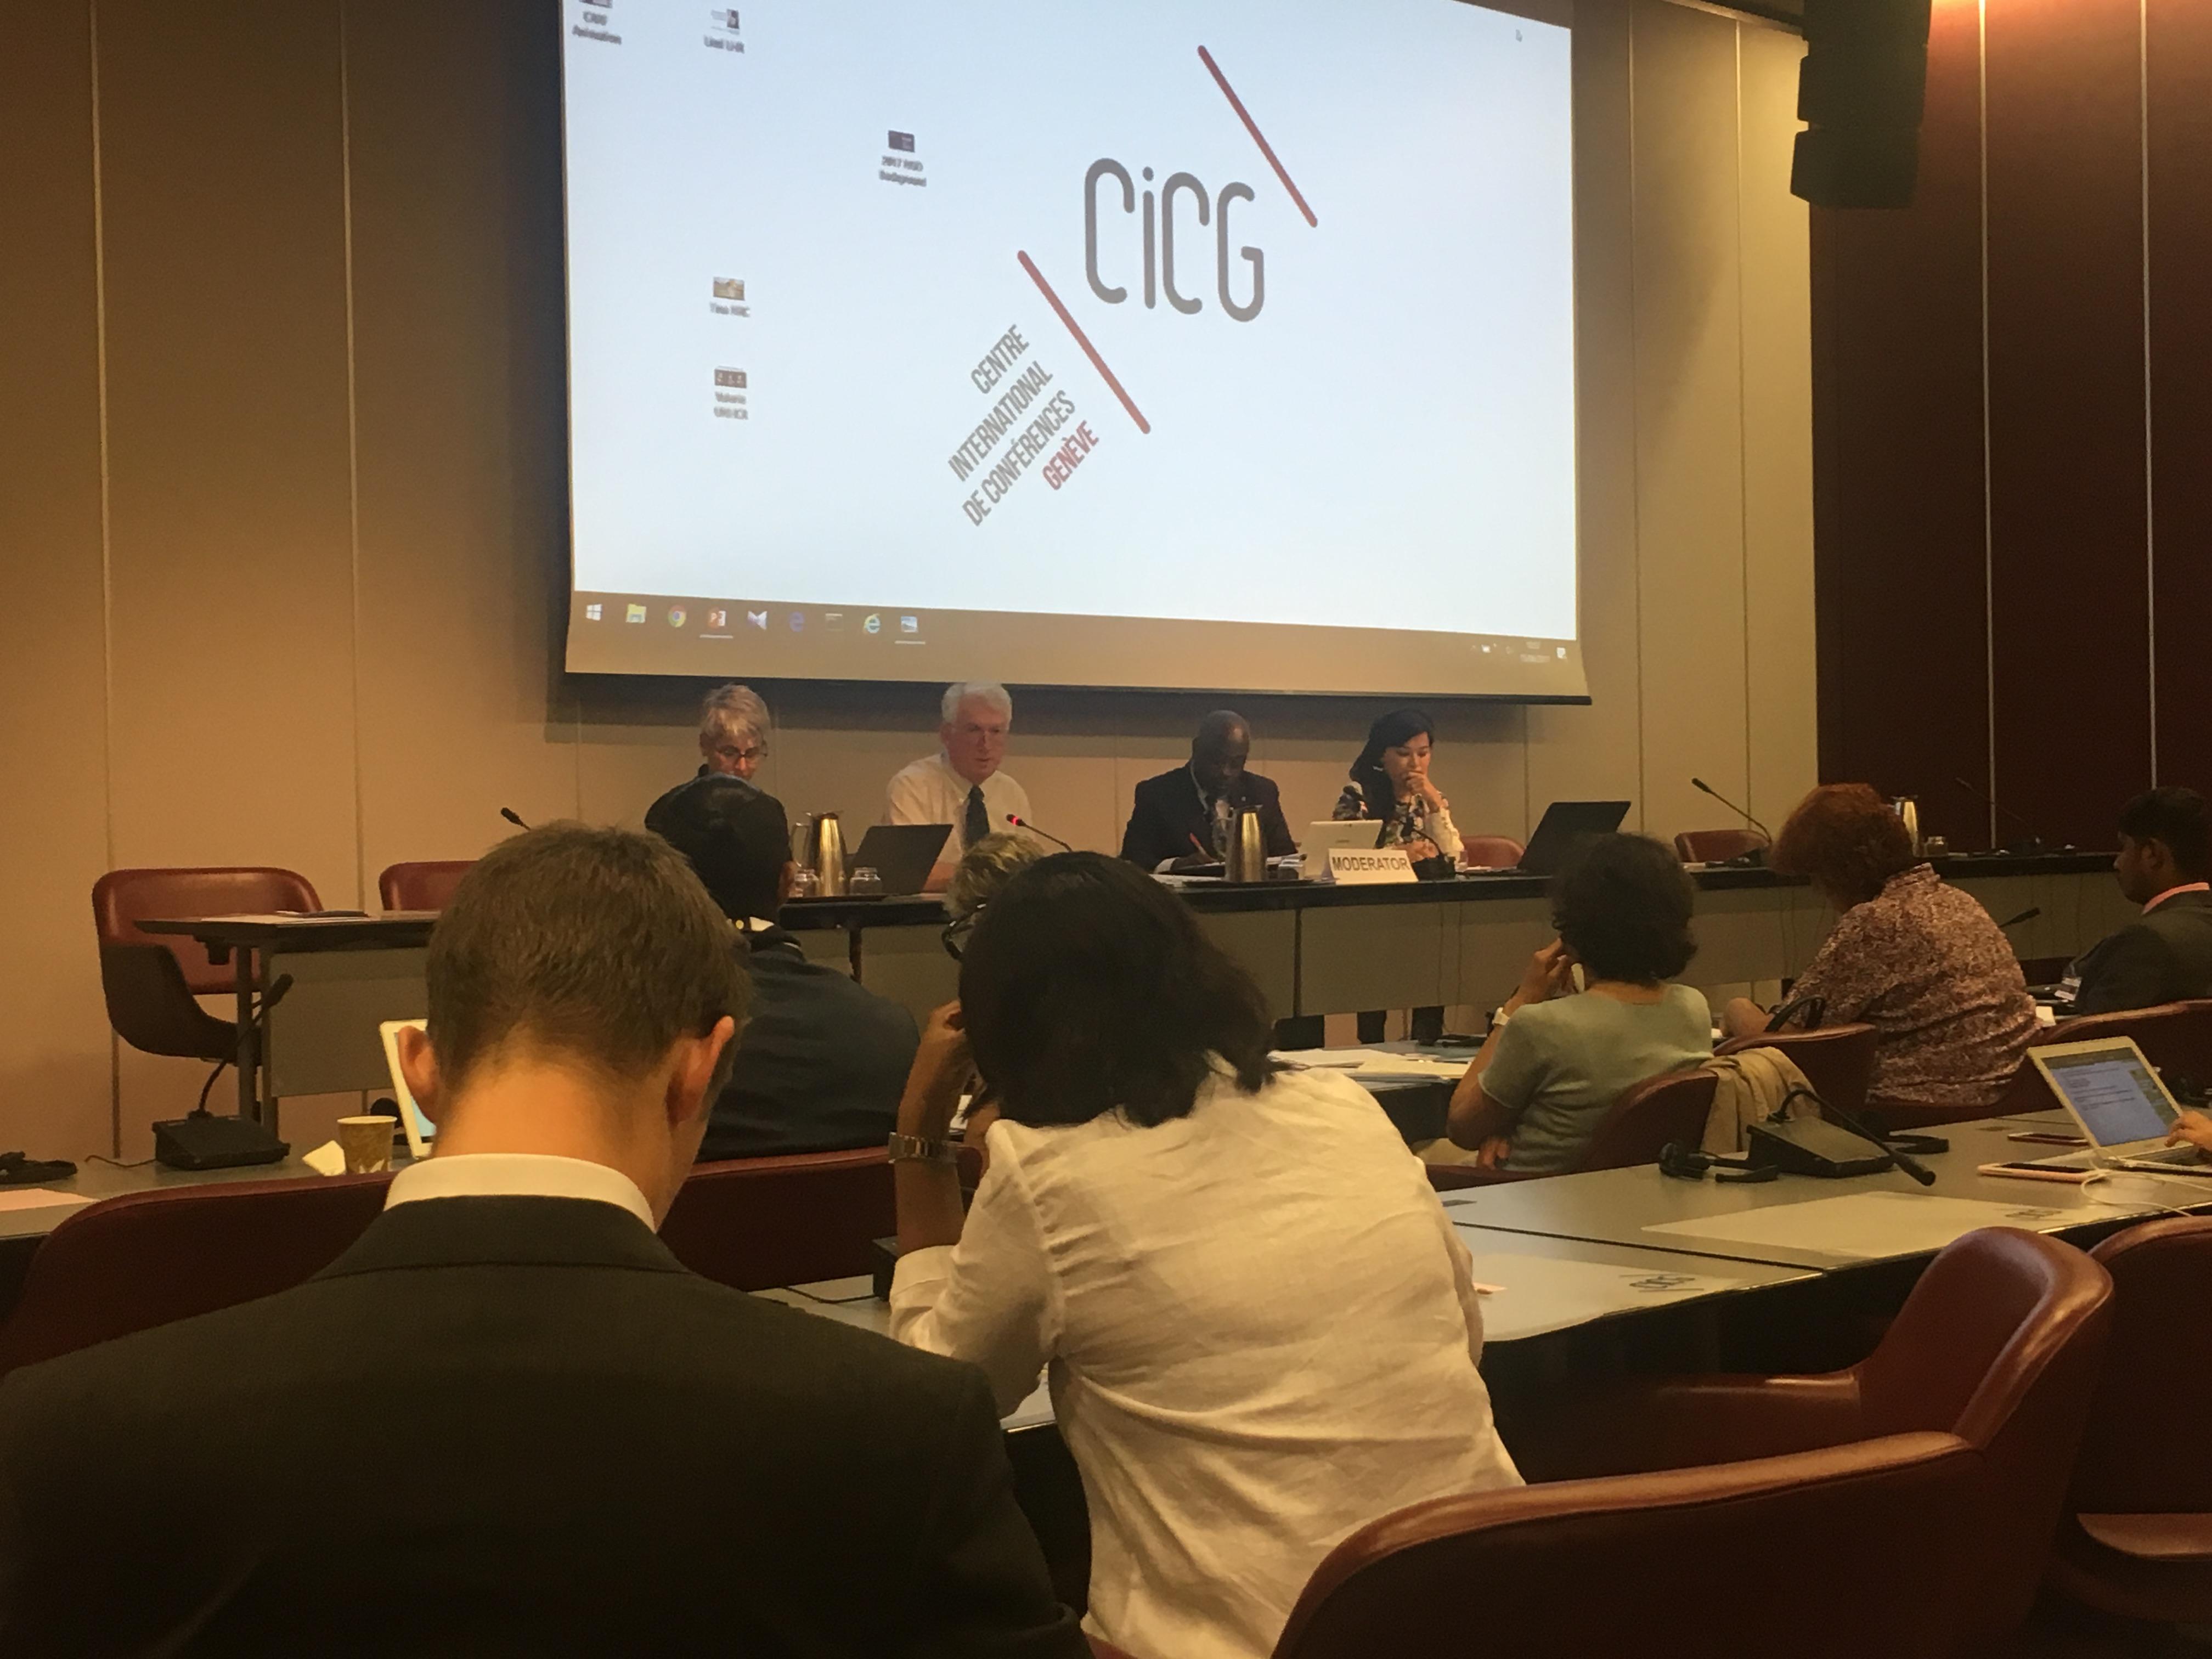 گزارش نمایندهی انجمن حامی از نشست مشورتی سالانهی کمیساریای عالی سازمان ملل متحد در امور پناهندگان با انجیاوها، ژنو، ۱۶ - ۱۴ ژوئن ۲۰۱۷